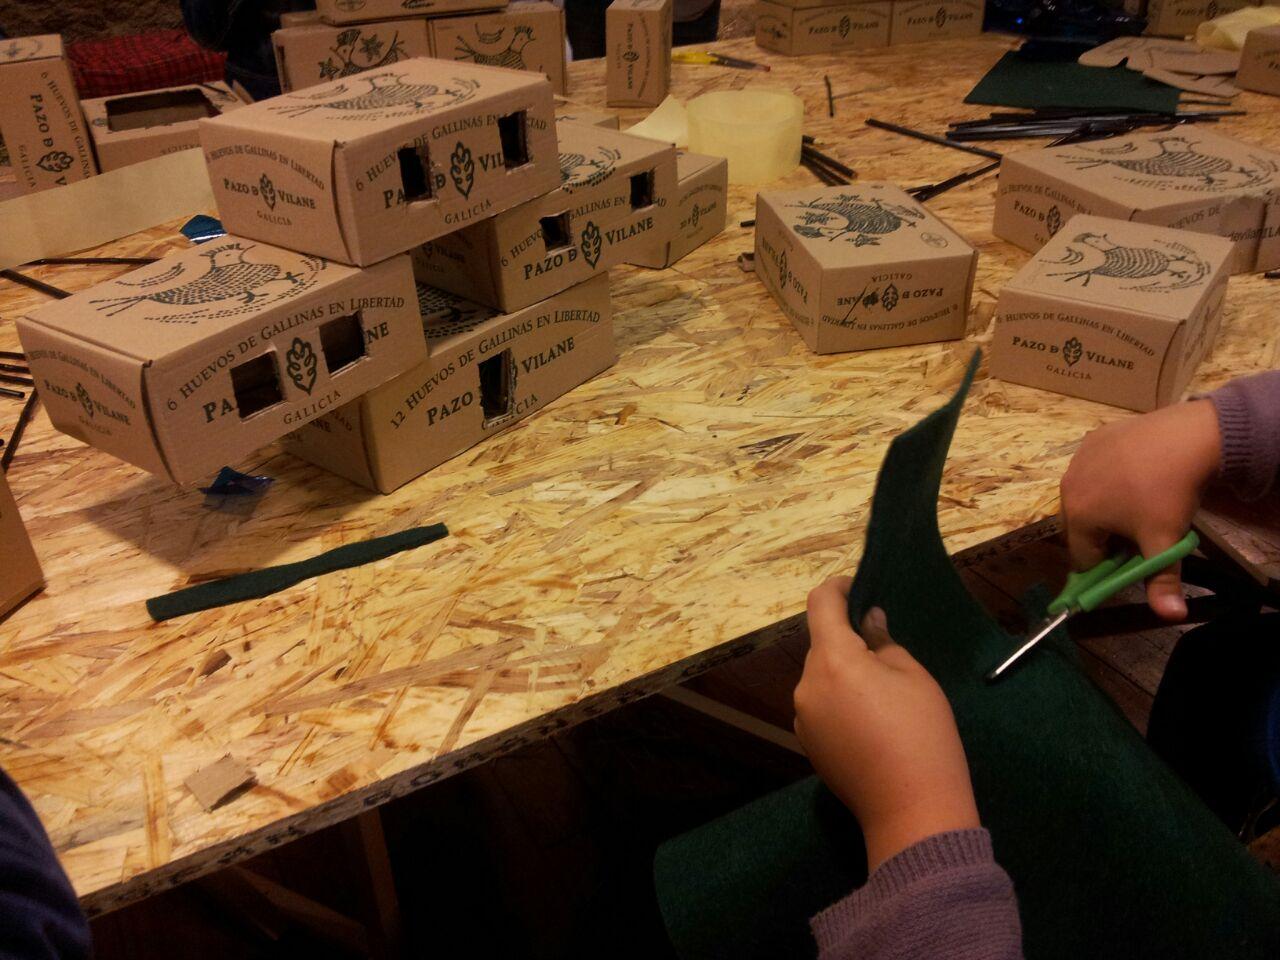 Una ciudad construida con cajas de huevo campero Pazo de Vilane